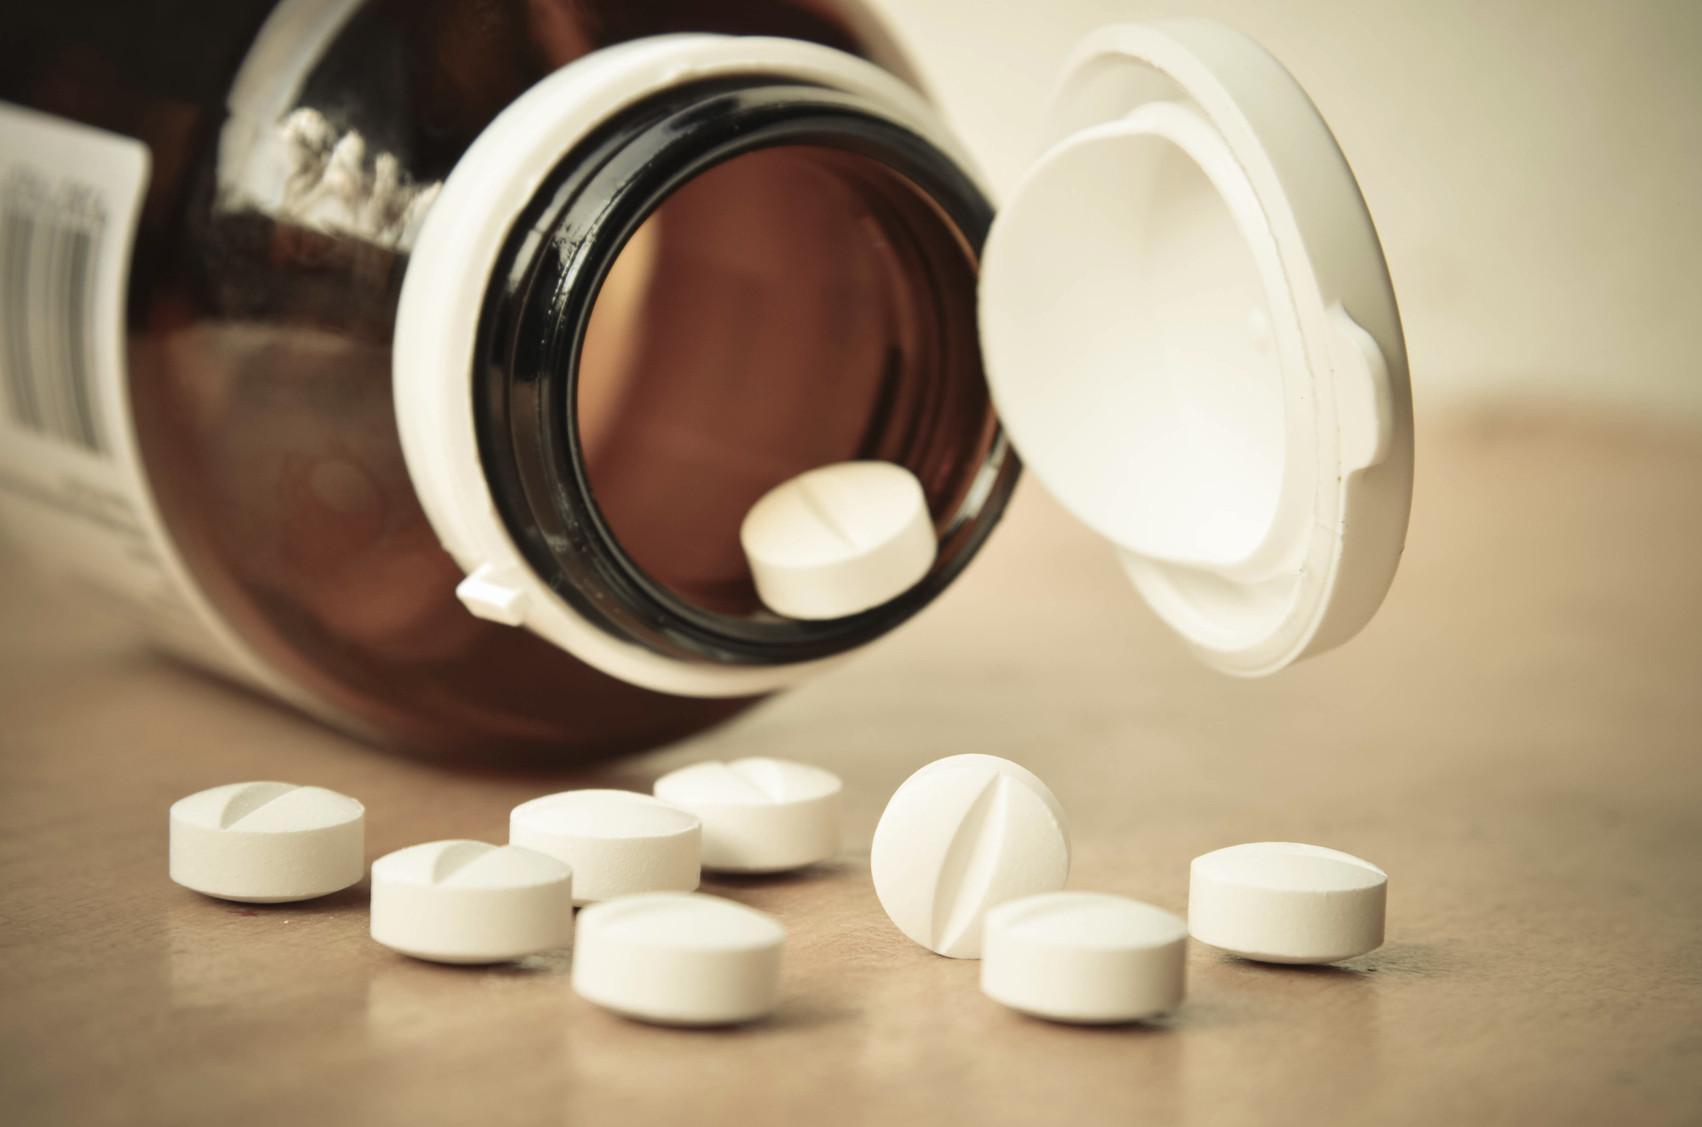 Mais de 13 milhões de medicamentos apreendidos em operação europeia